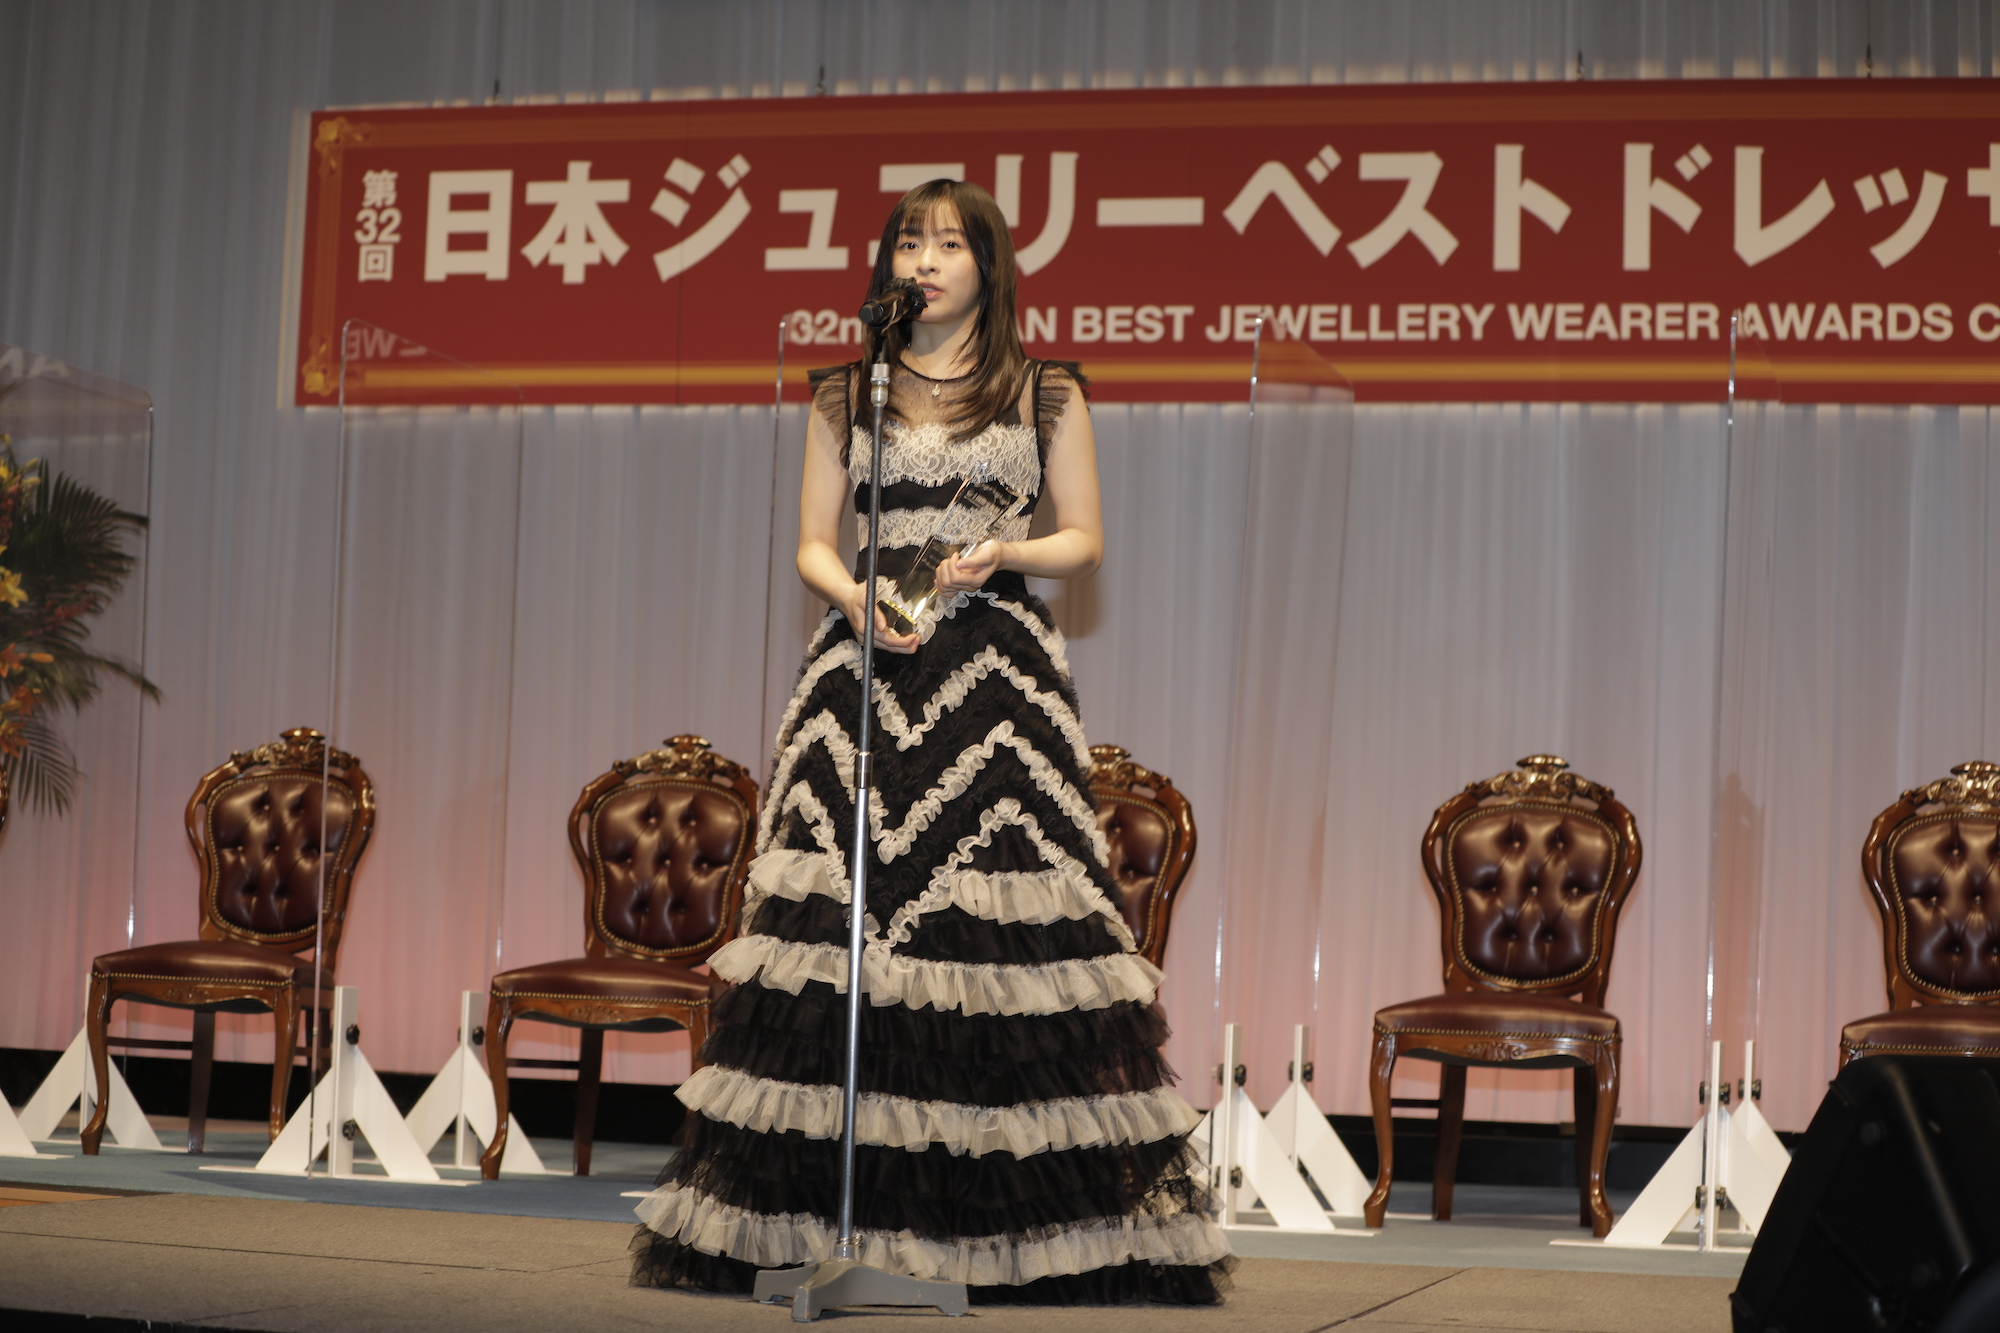 森七菜『第32回日本ジュエリーベストドレッサー賞授賞式』